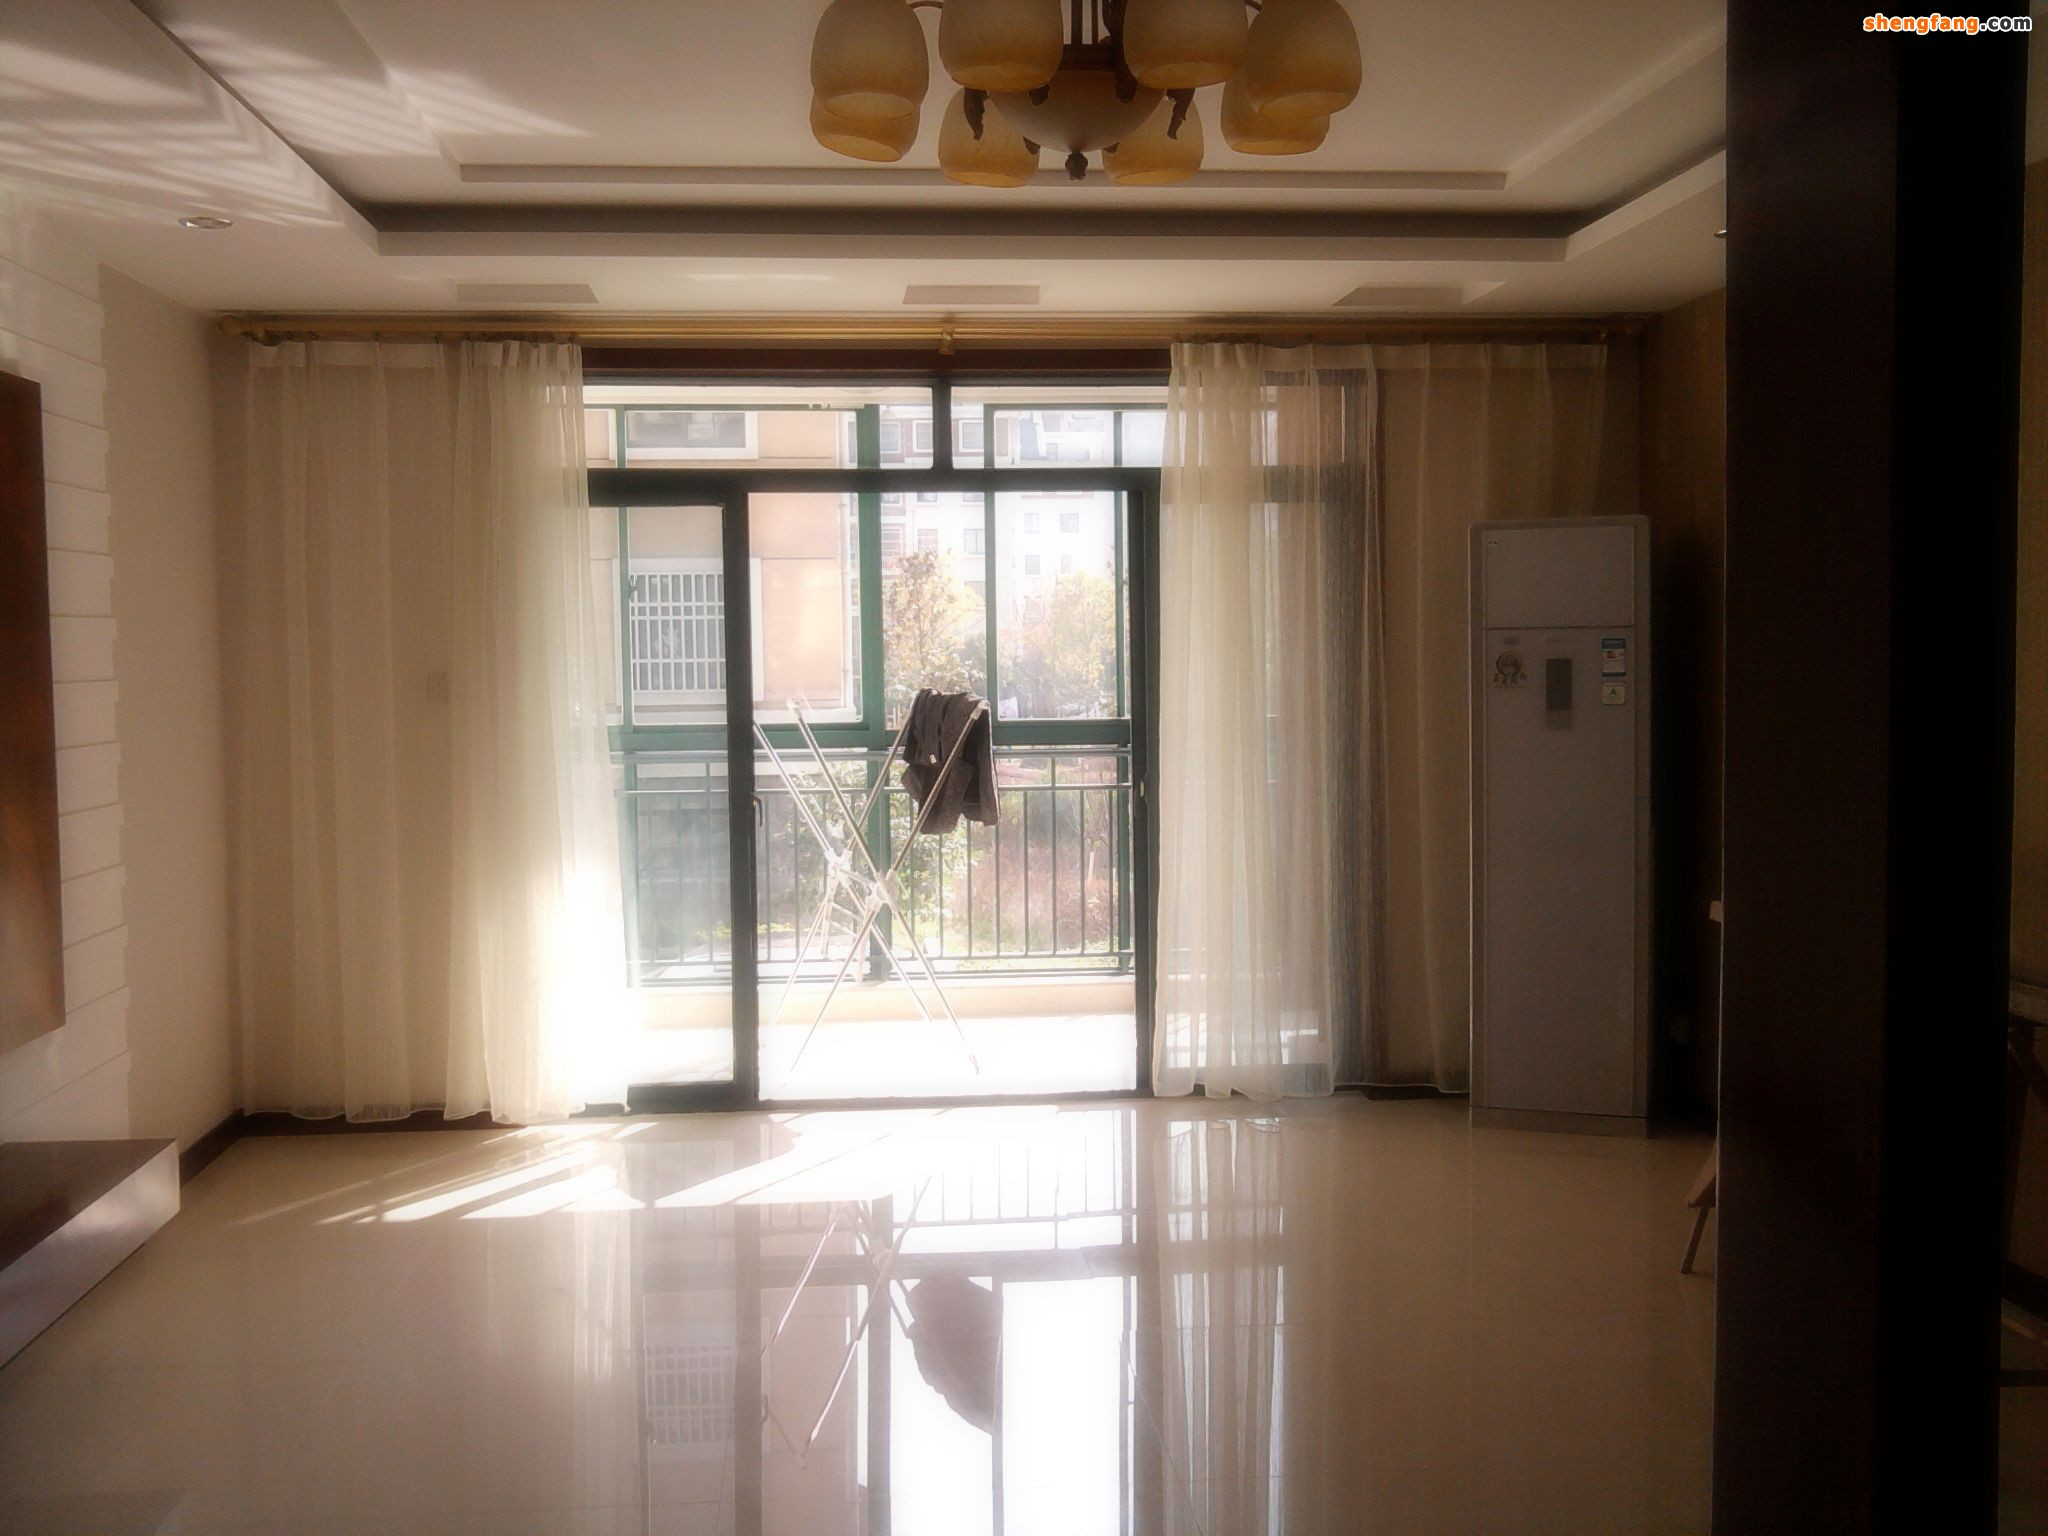 窗帘是一个家庭中必备的东西,可以很好的装饰屋内,也可以保护隐私。对于一个家庭来说,谁都不喜欢自己的一举一动在别人的视野之内。从这点来说,不同的室内区域,对于私隐的关注程度又有不同的标准。客厅这类家庭成员公共活动区域,对于私隐的要求就较低,大部分的家庭客厅都是把窗帘拉开,大部分情况下处于装饰状态。今天胜芳在线就为您介绍一下选购窗帘的几个要点。